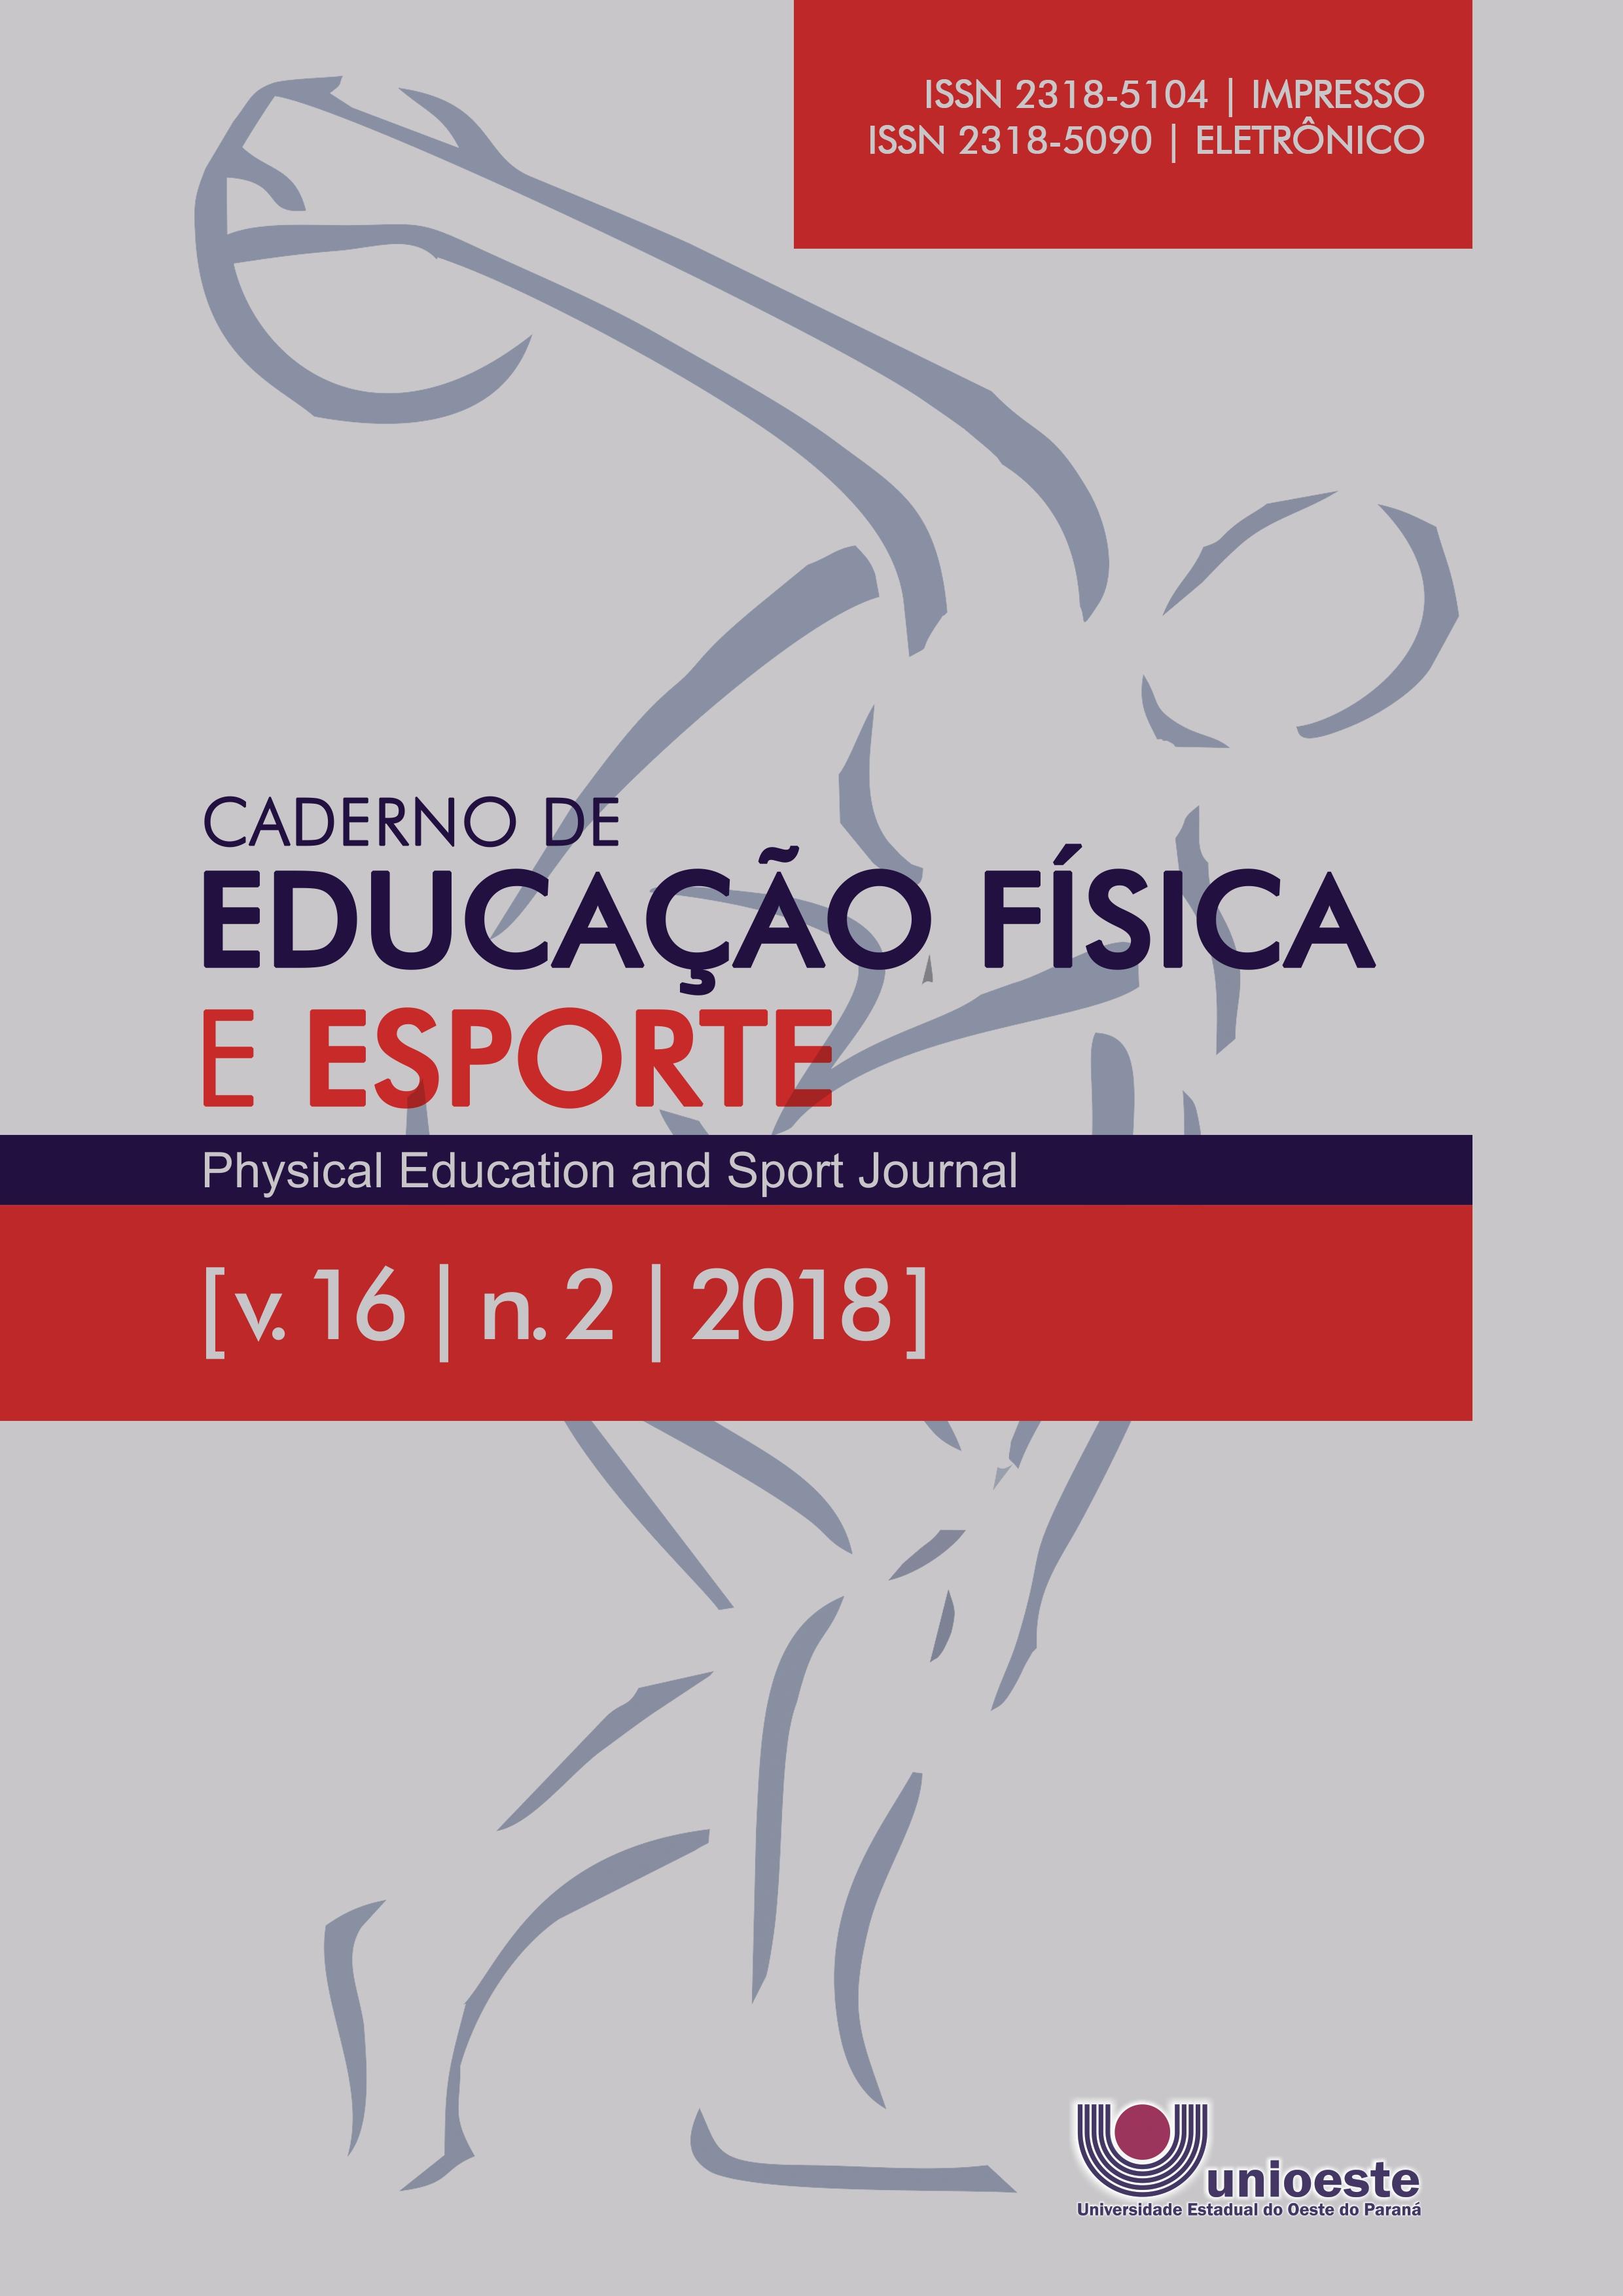 Visualizar v. 16 n. 2 (2018): Caderno de Educação Física e Esporte